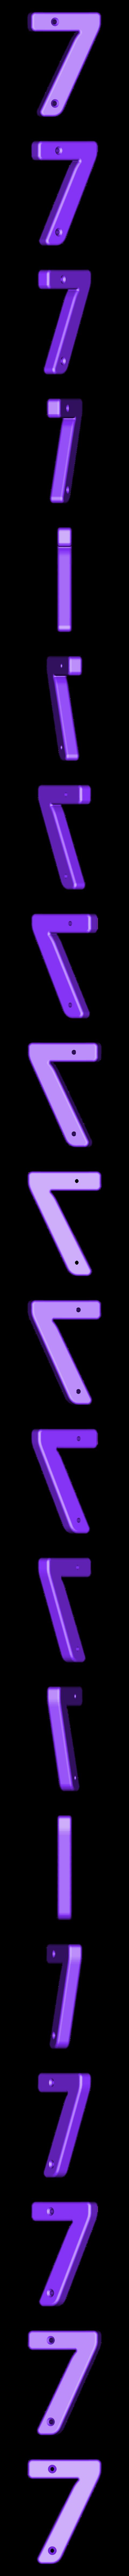 7.stl Télécharger fichier STL gratuit Numéros de maison • Modèle pour impression 3D, Jakwit